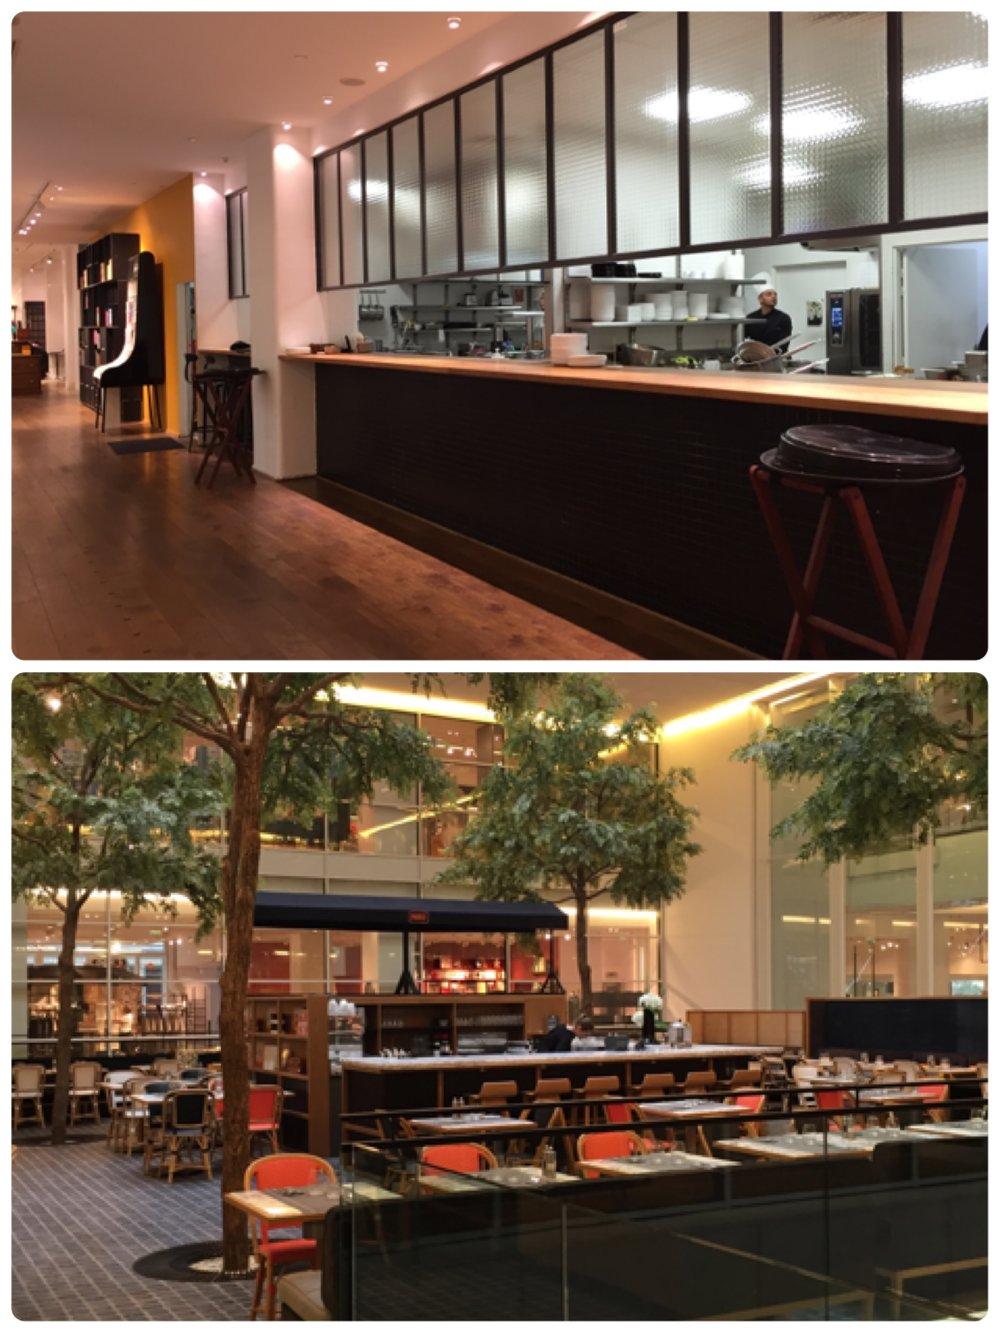 Le Table 是百貨裡面的餐廳